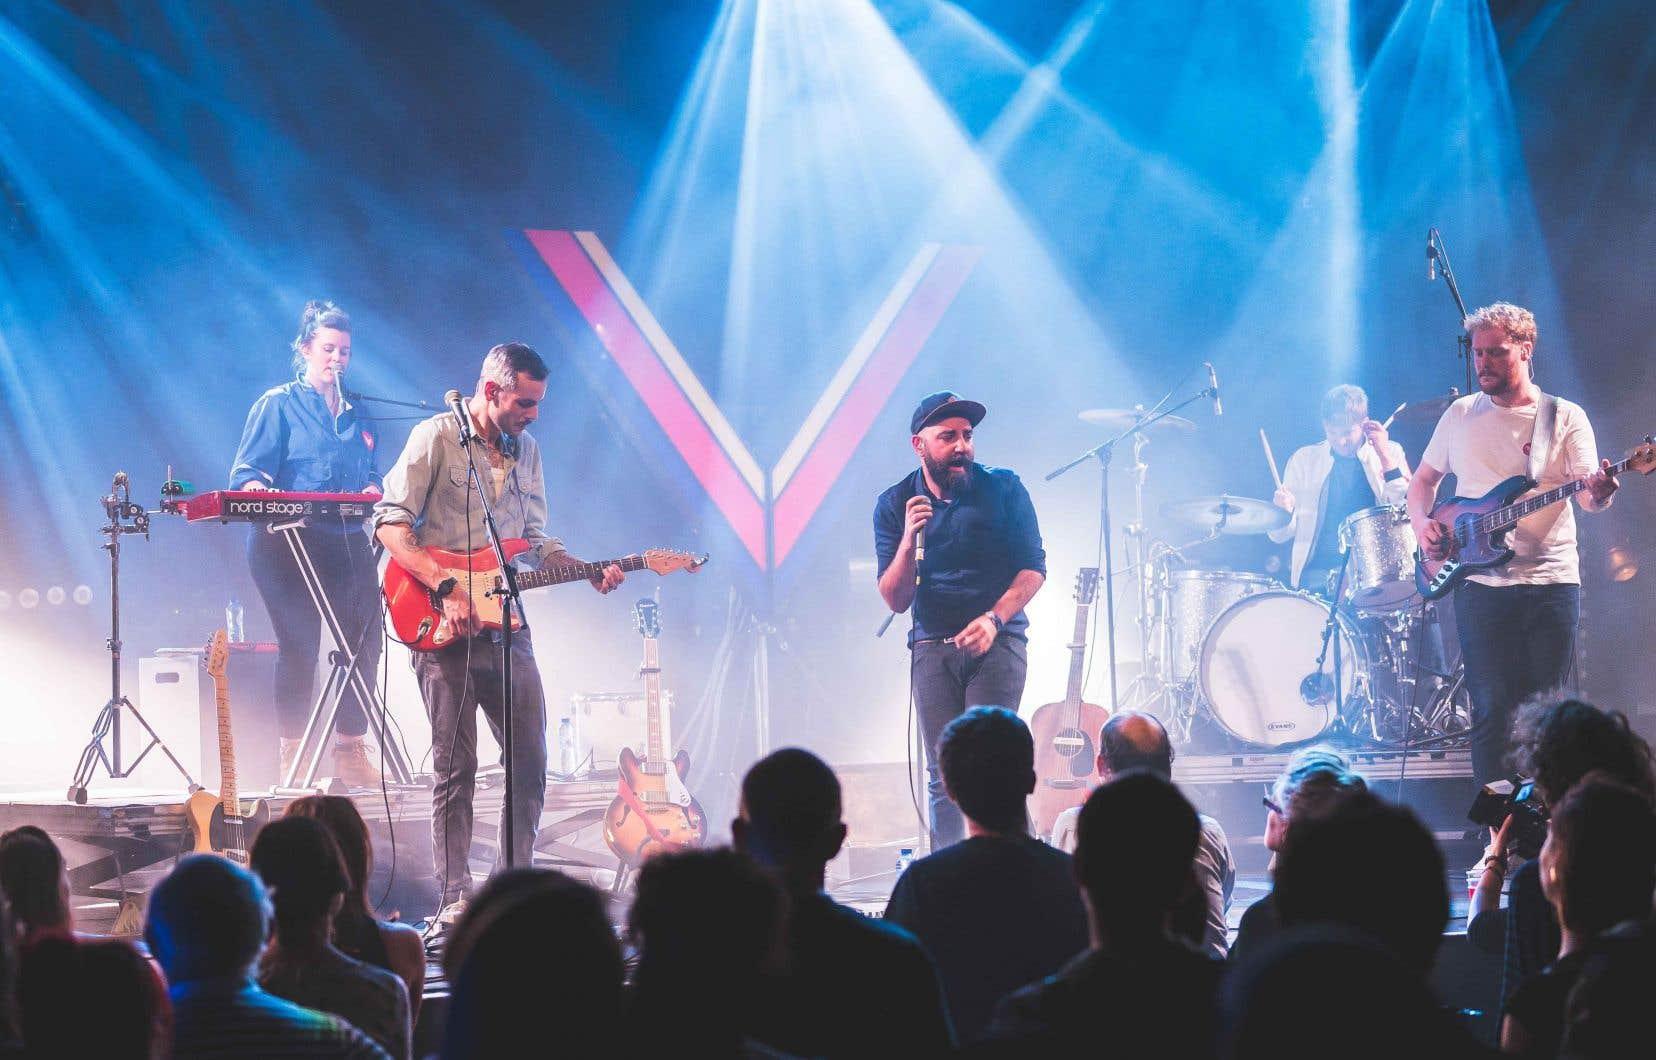 Le groupe belge Dalton Telegramme présentait son plus récent album, «Victoria», dimanche soir, lors du grand concert de clôture du festival FrancoFaune à l'Orangerie du Botanique, l'une des scènes les plus prestigieuses de Bruxelles.